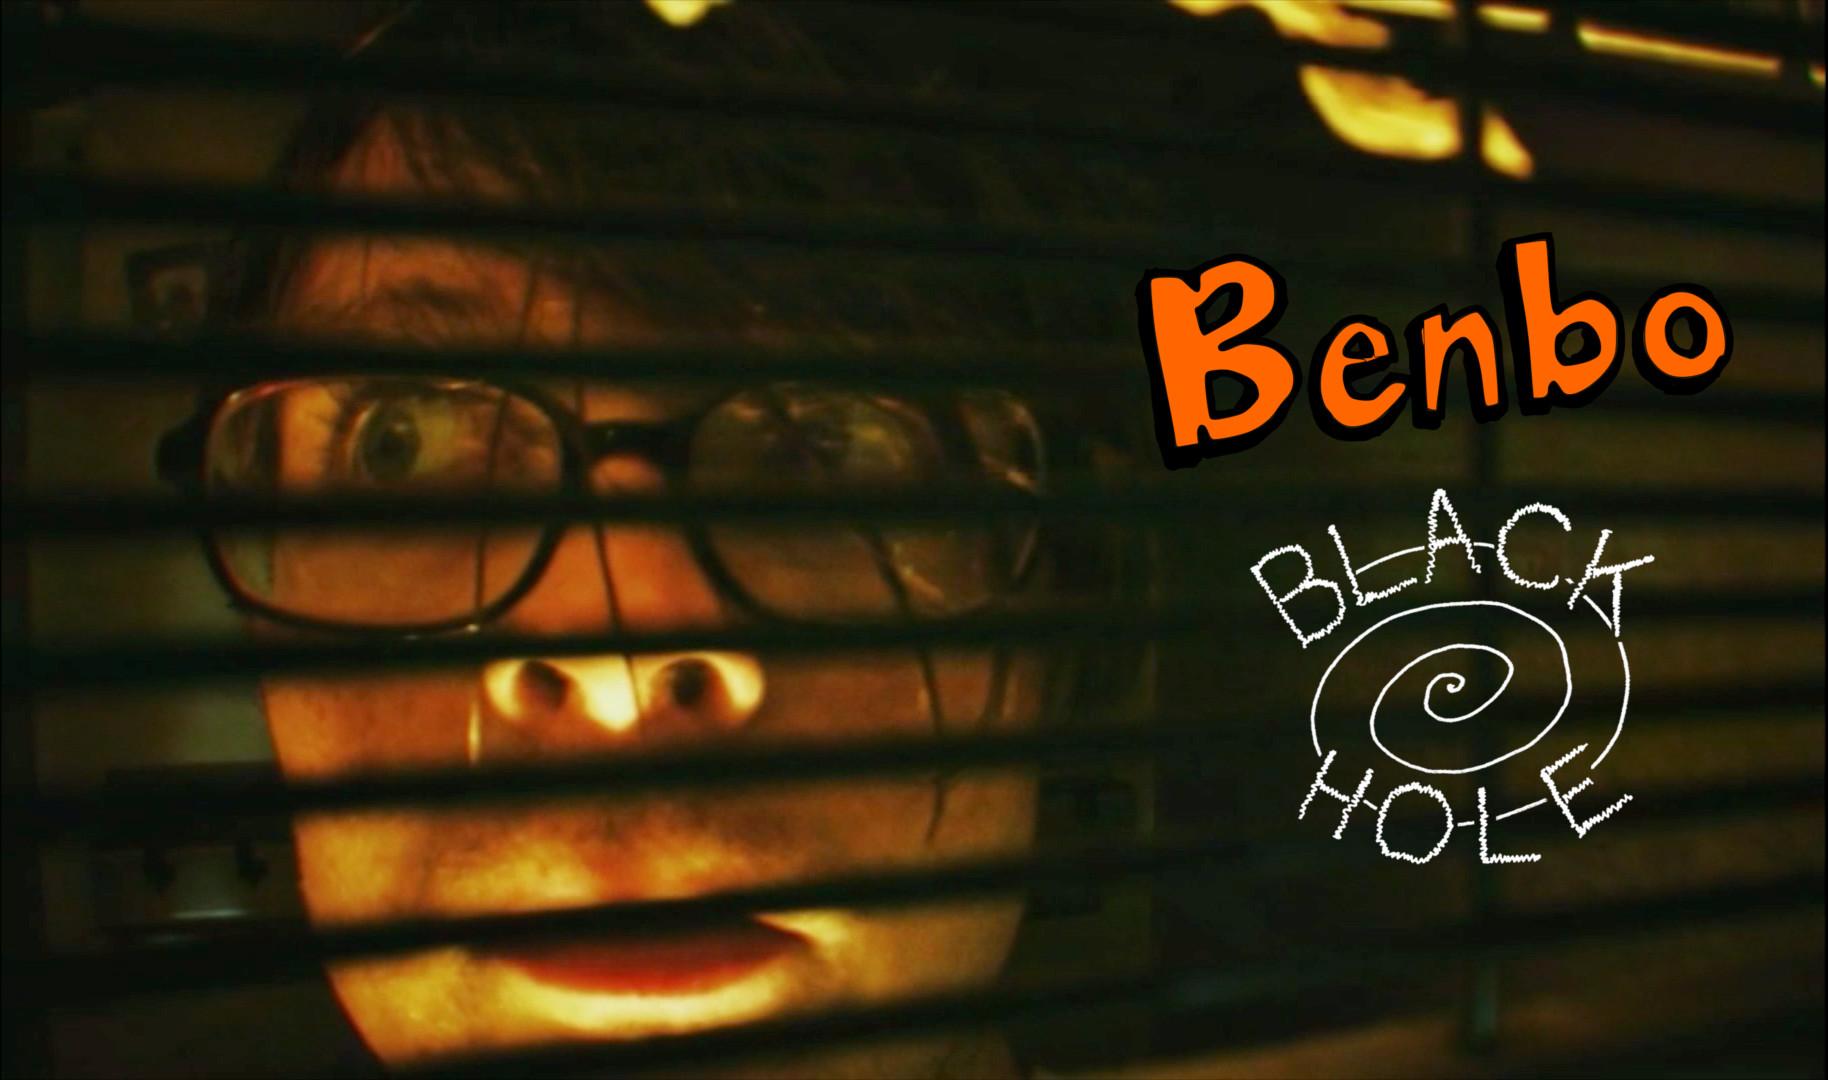 Benbo_BlackHole_CustomThumbnail-90